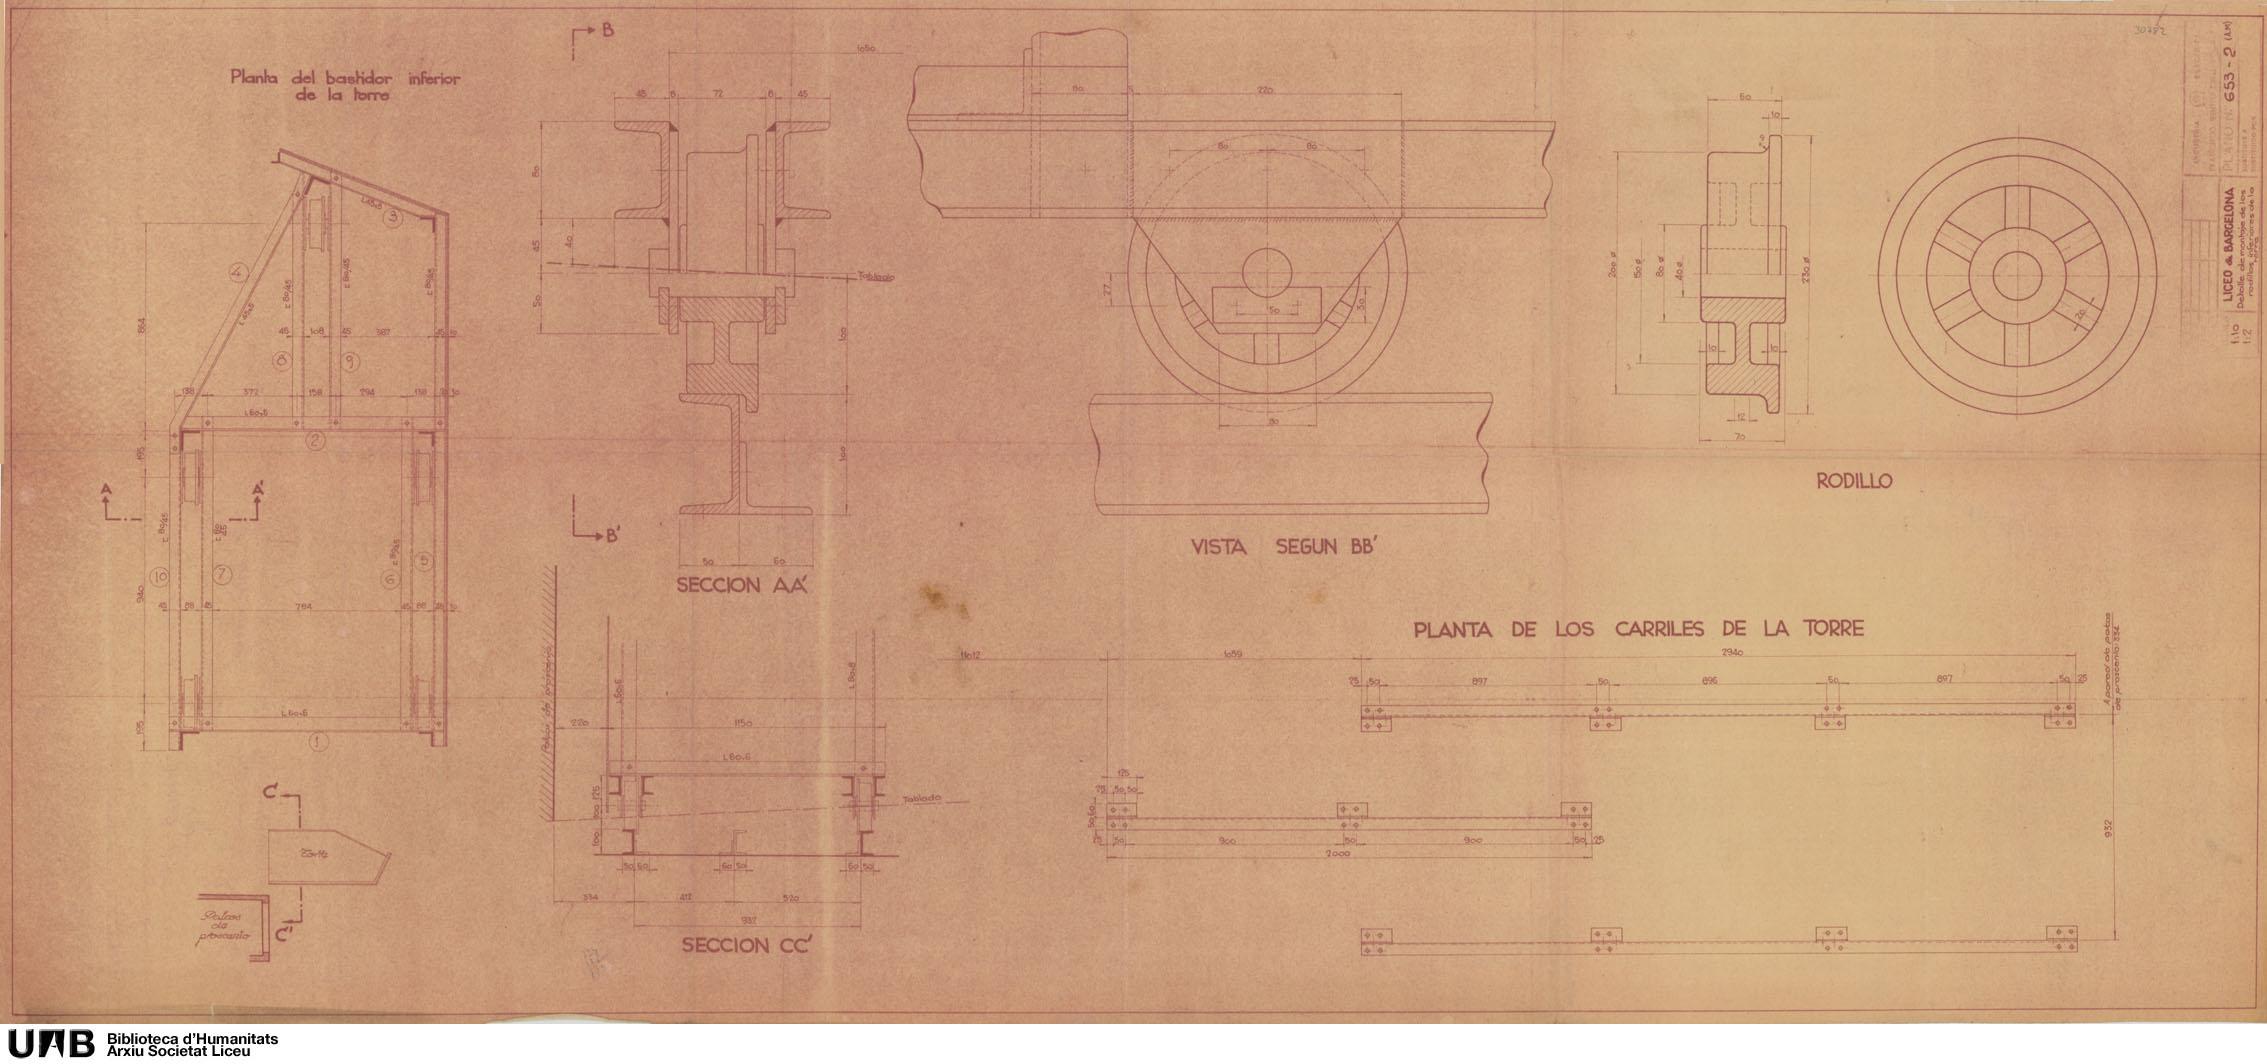 Detalle de montaje de los rodillos inferiores de la torre